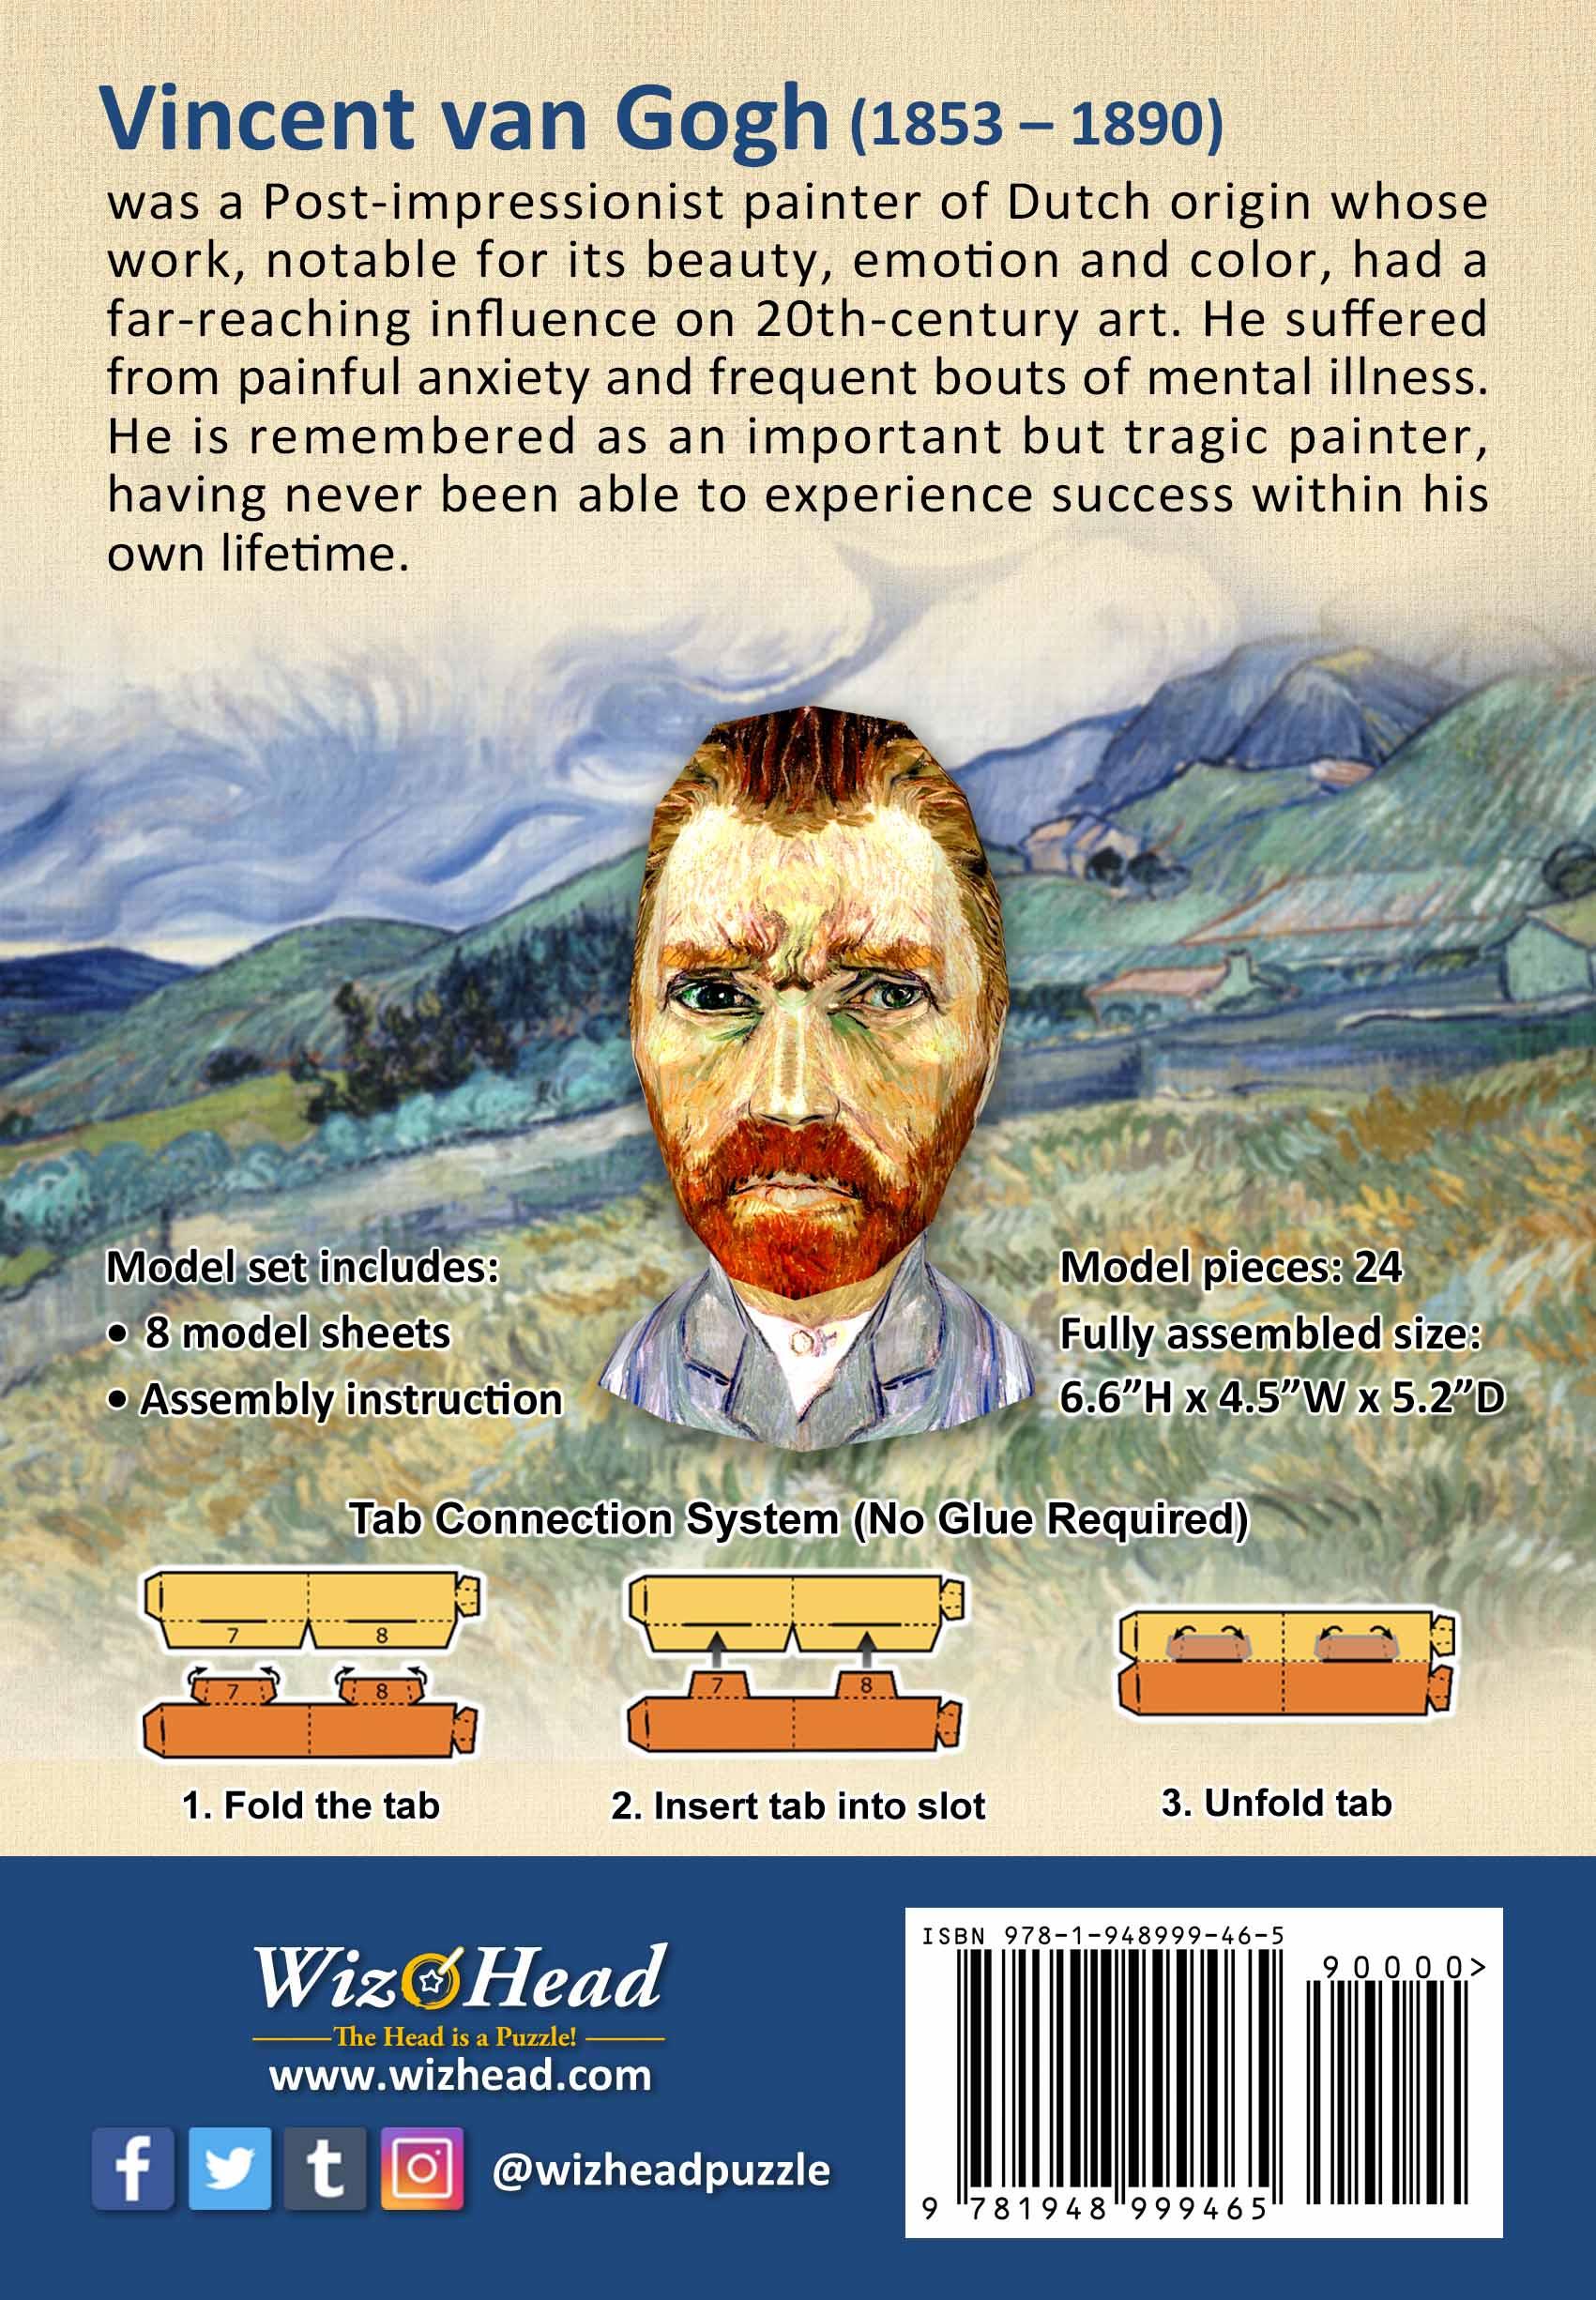 Vincent van Gogh (Full Size)